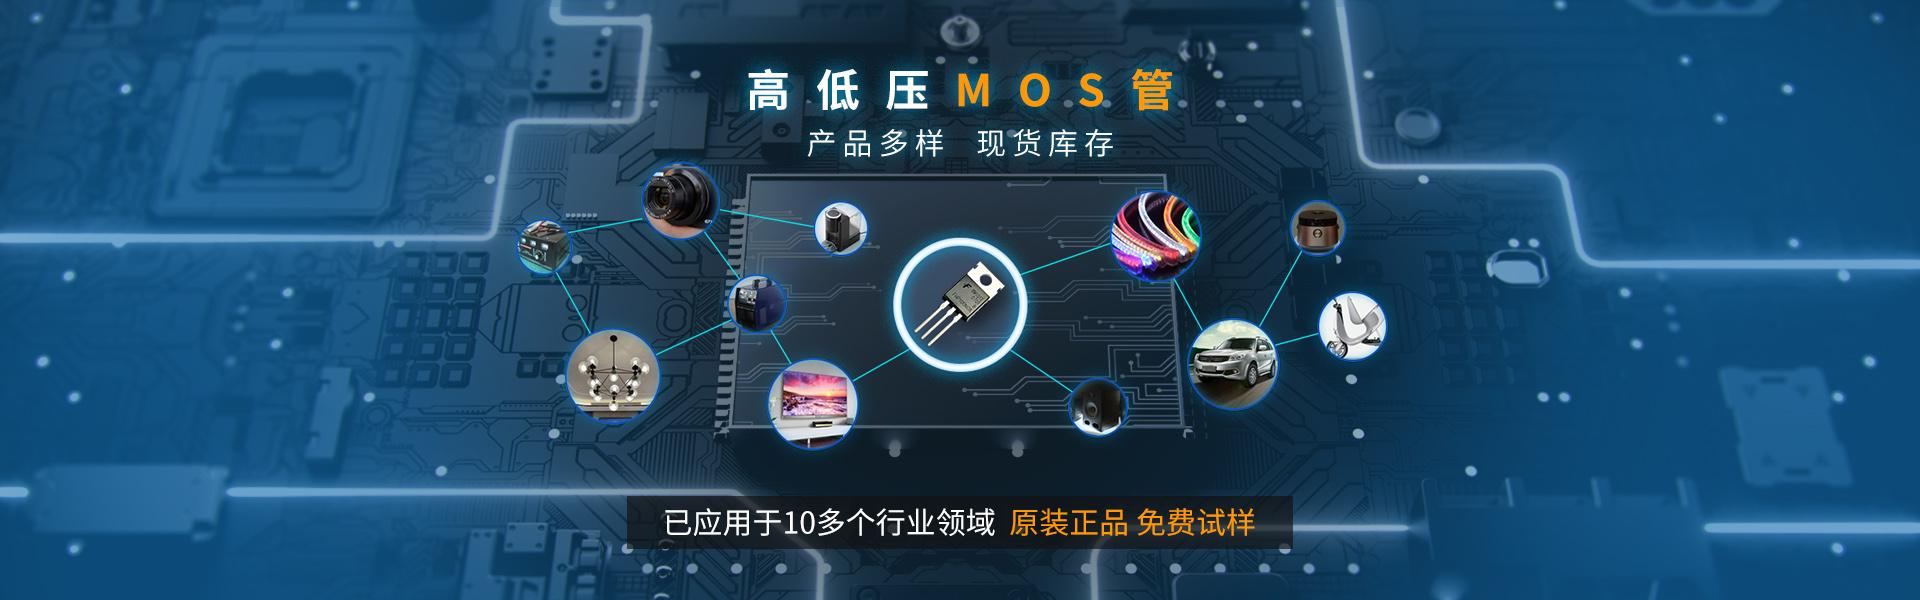 18luck高diyamos管产品多样,已应用10多个xing业